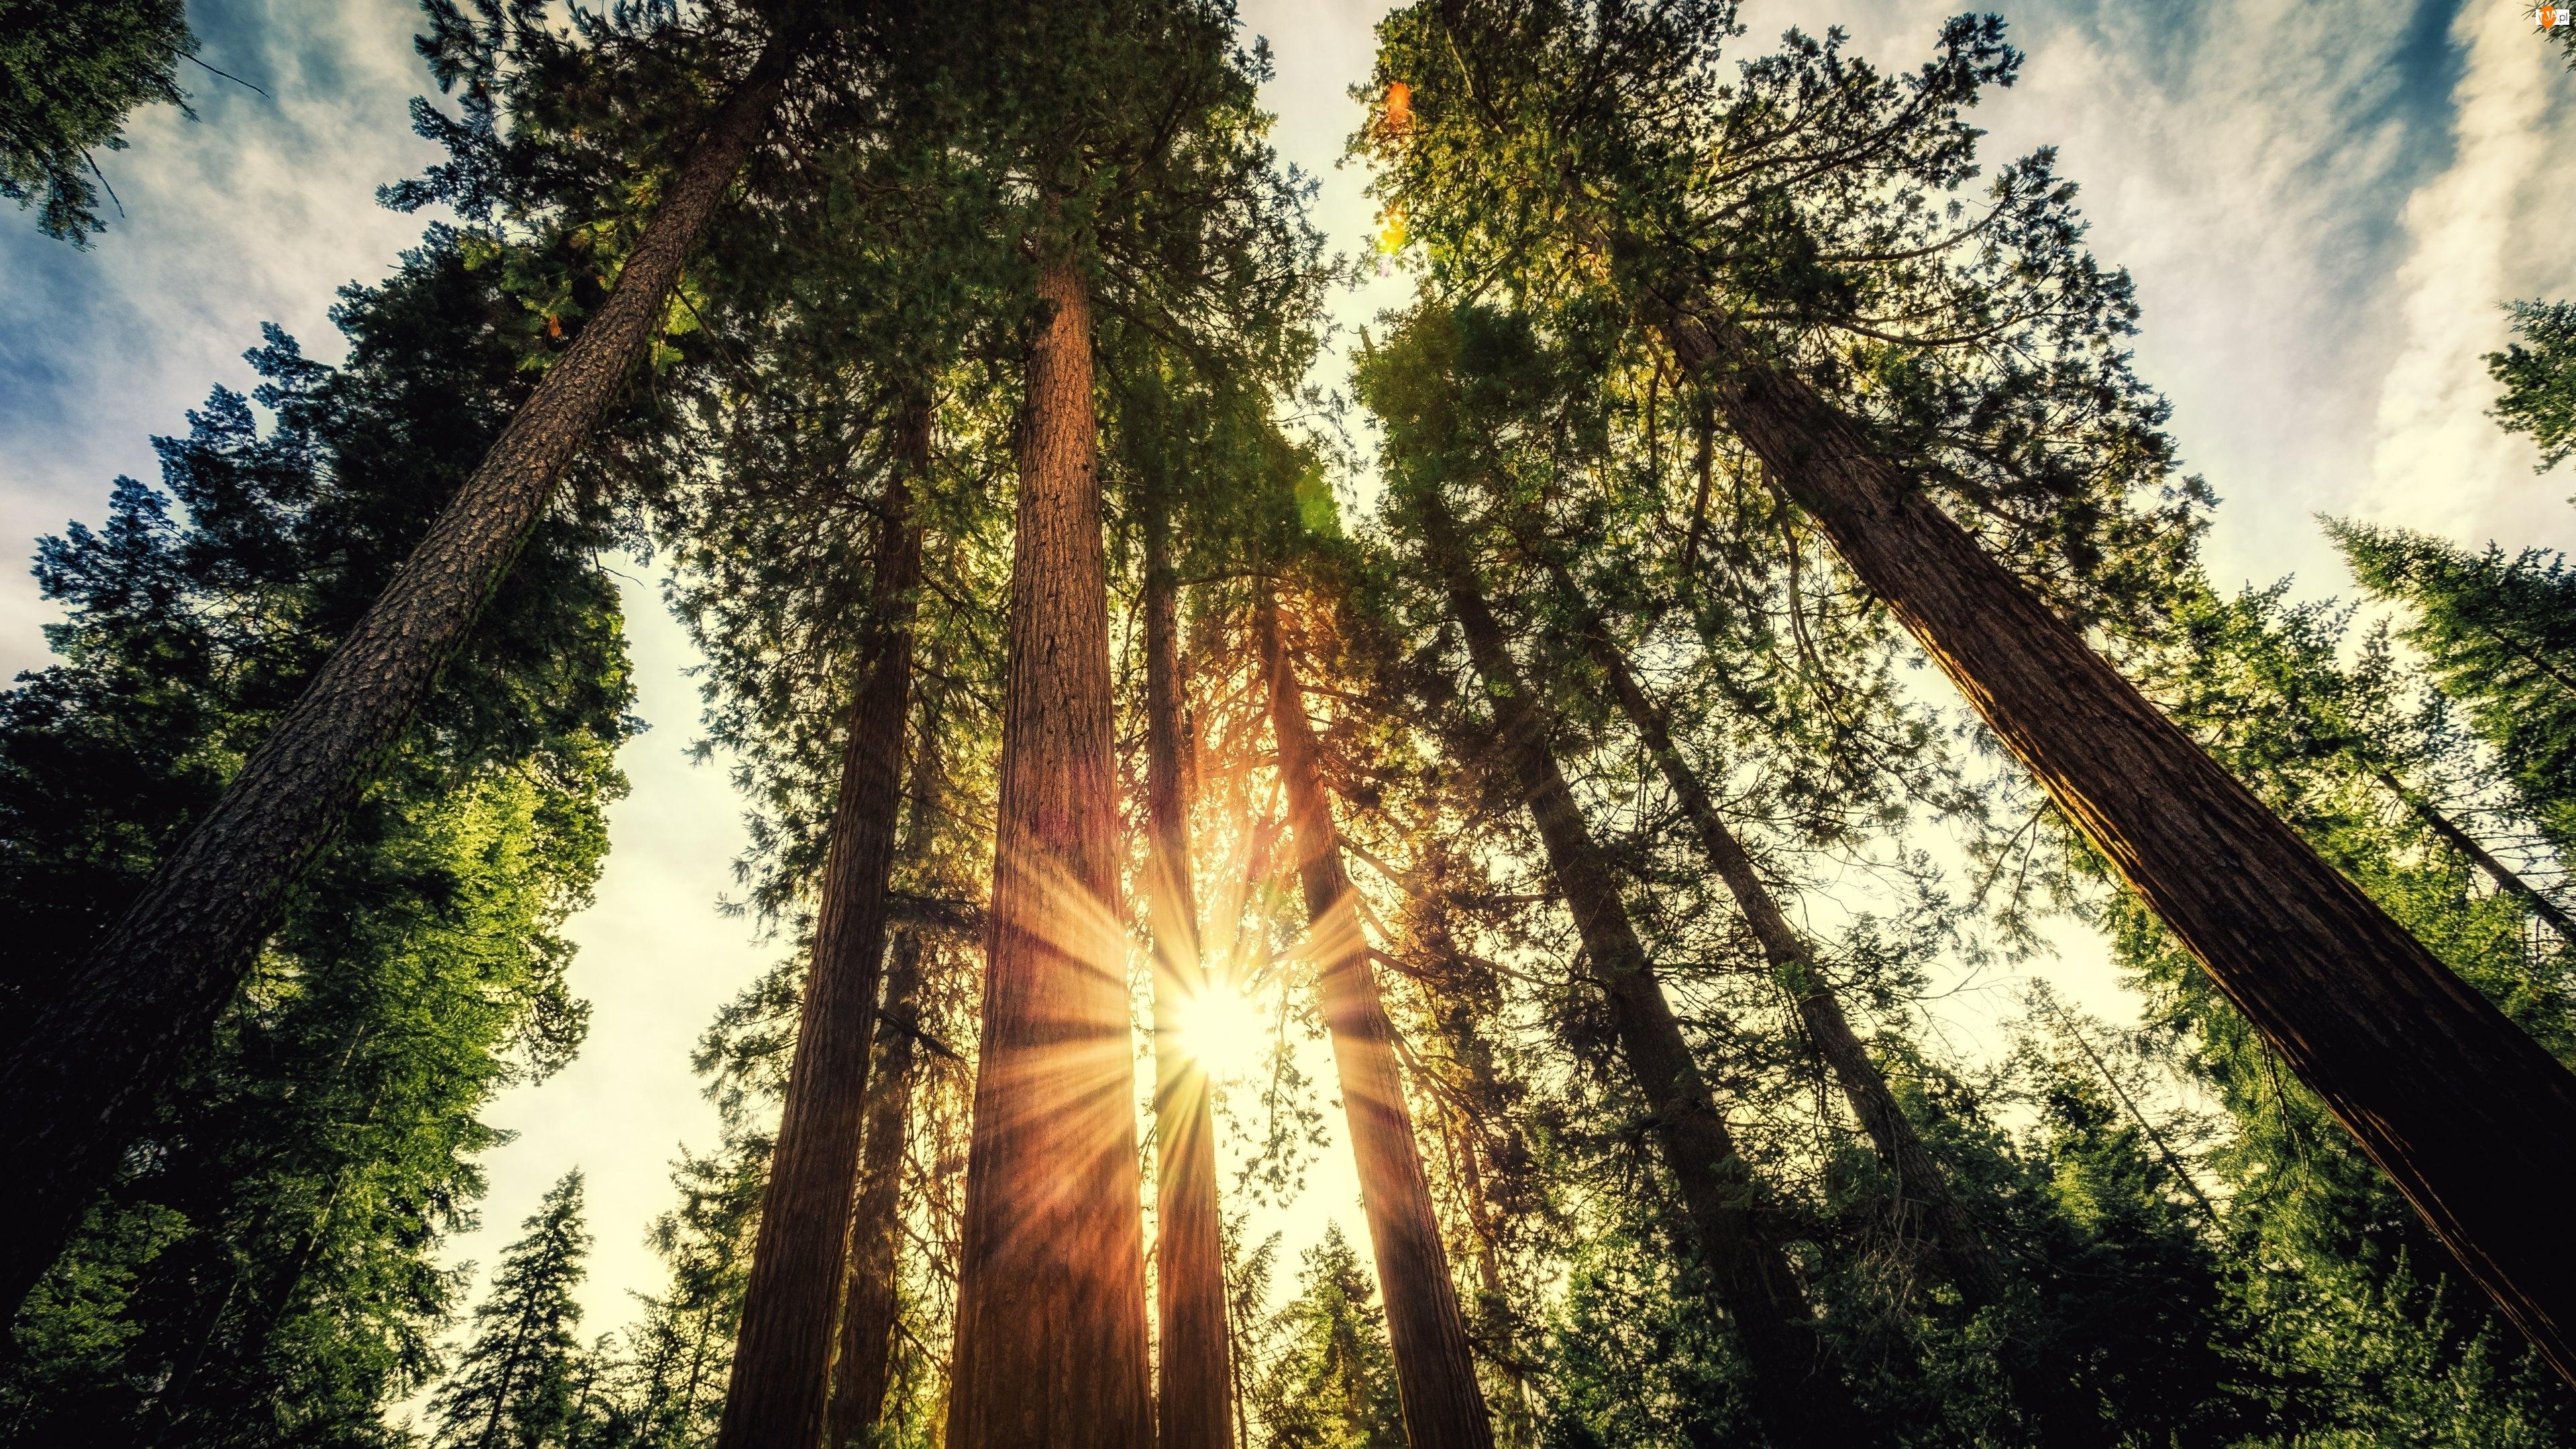 Słońce, Drzewa, Pnie